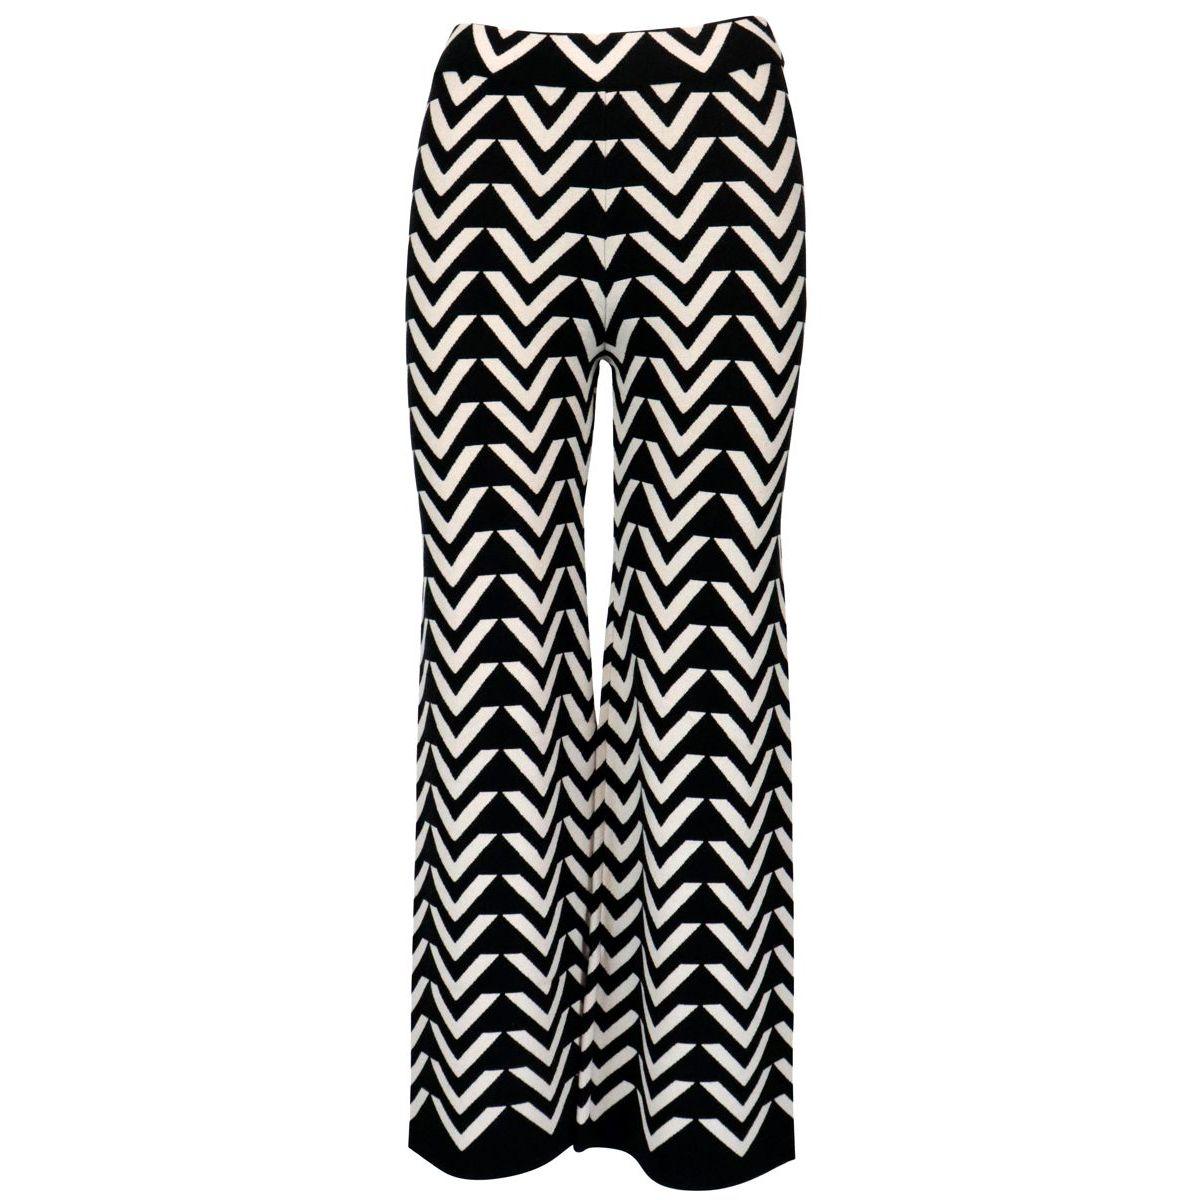 Orvieto trousers in viscose knit White black S MAX MARA